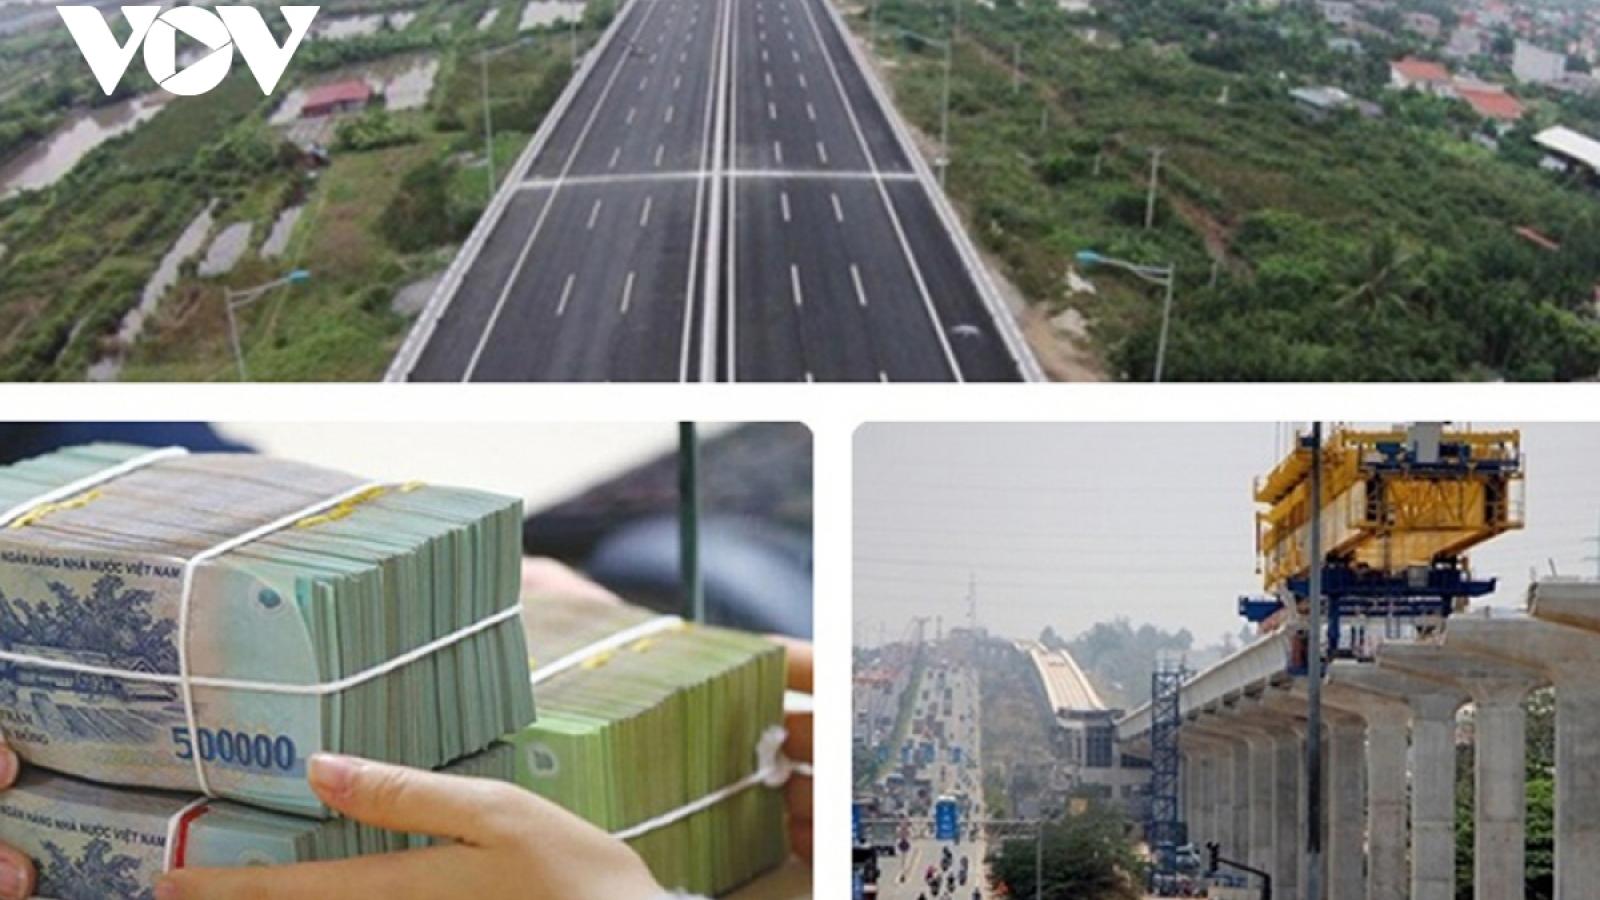 Nguyên liệu đầu vào tăng giá khiến các dự án đầu tư công chậm tiến độ